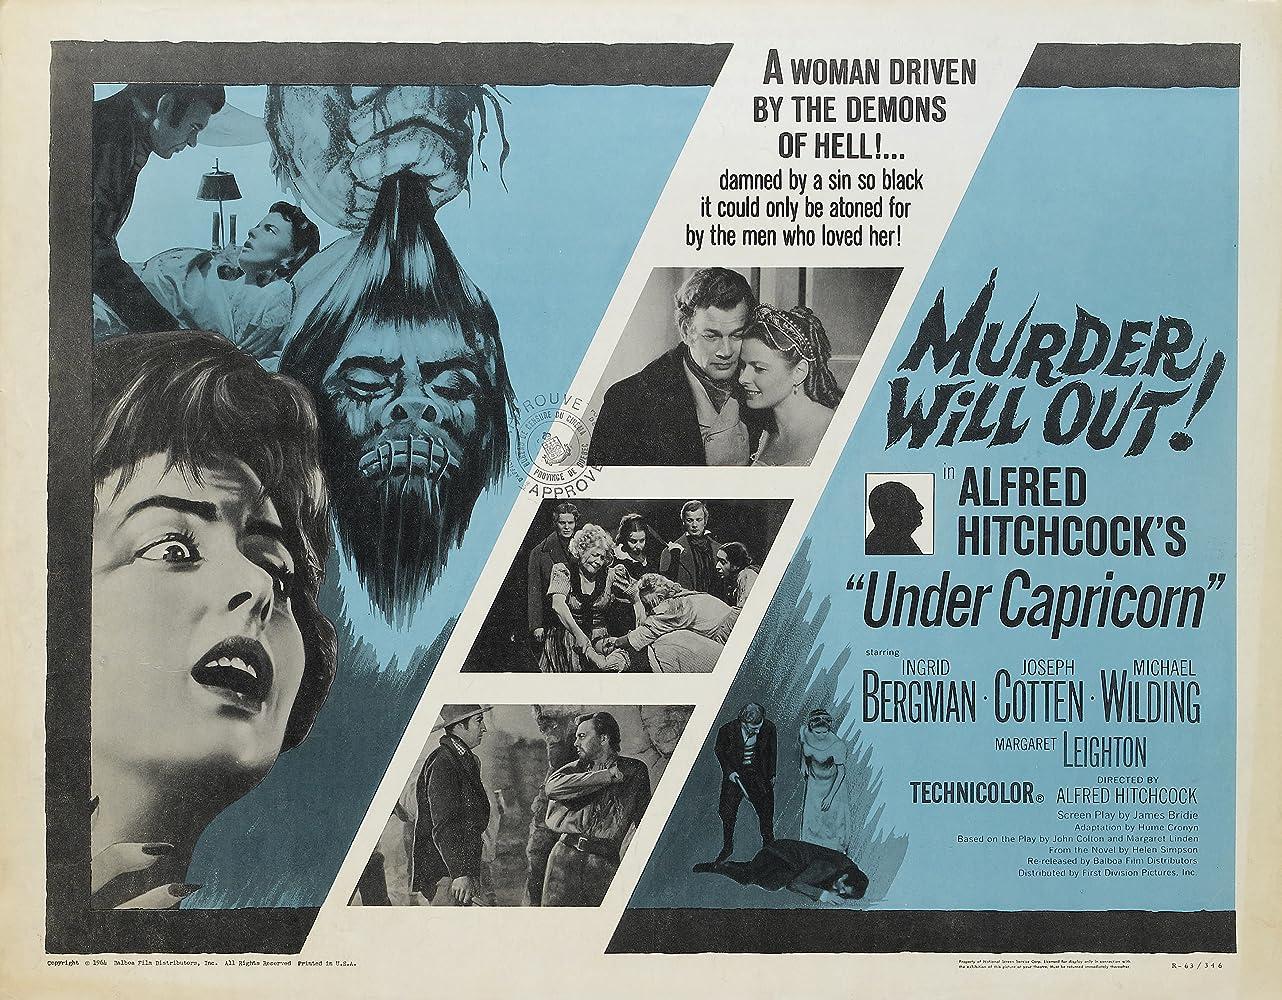 Ingrid Bergman and Joseph Cotten in Under Capricorn (1949)